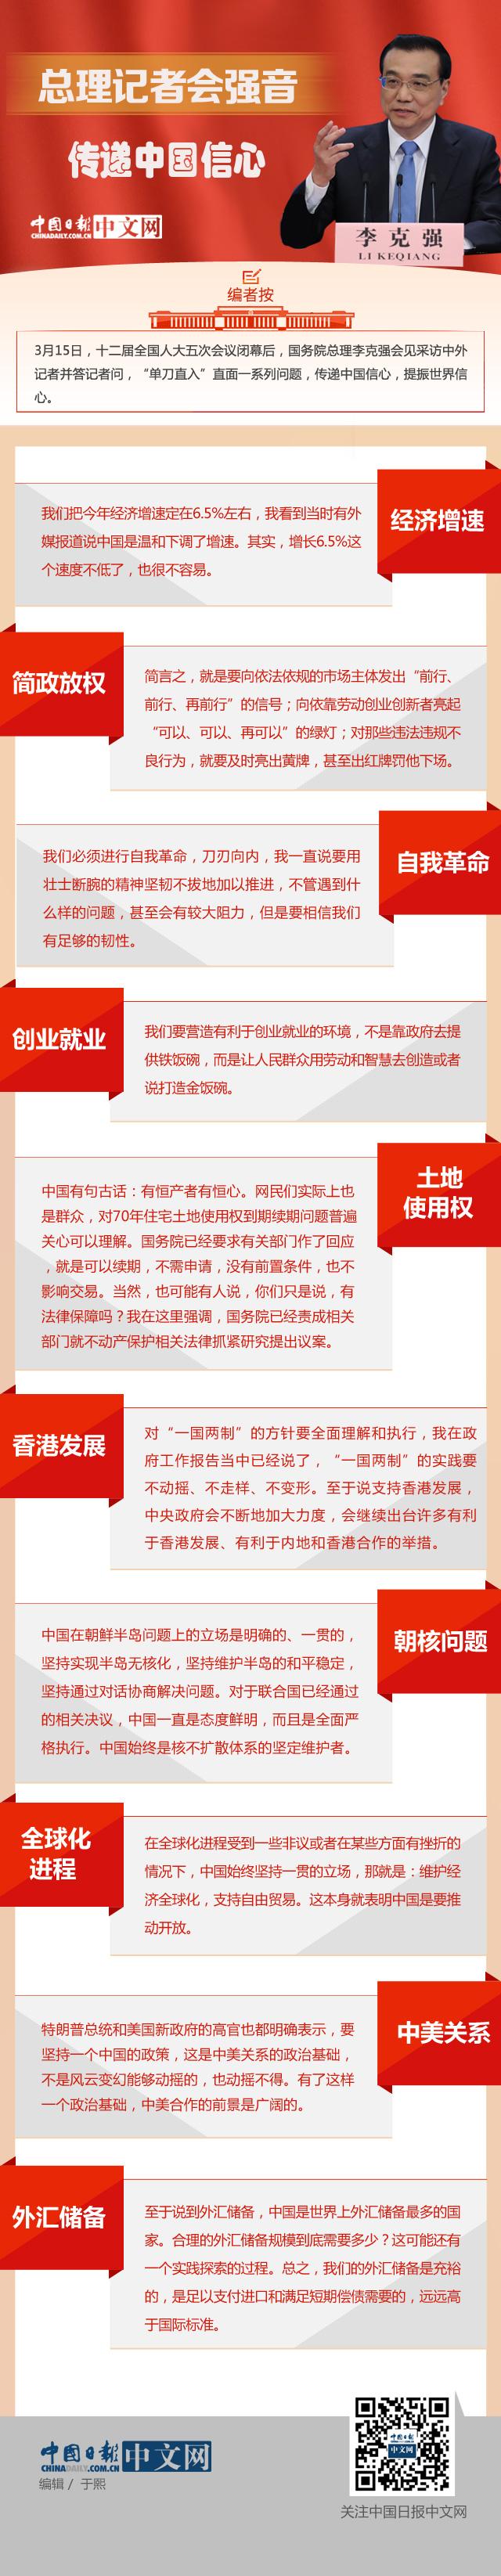 图解:总理记者会强音传递中国信心